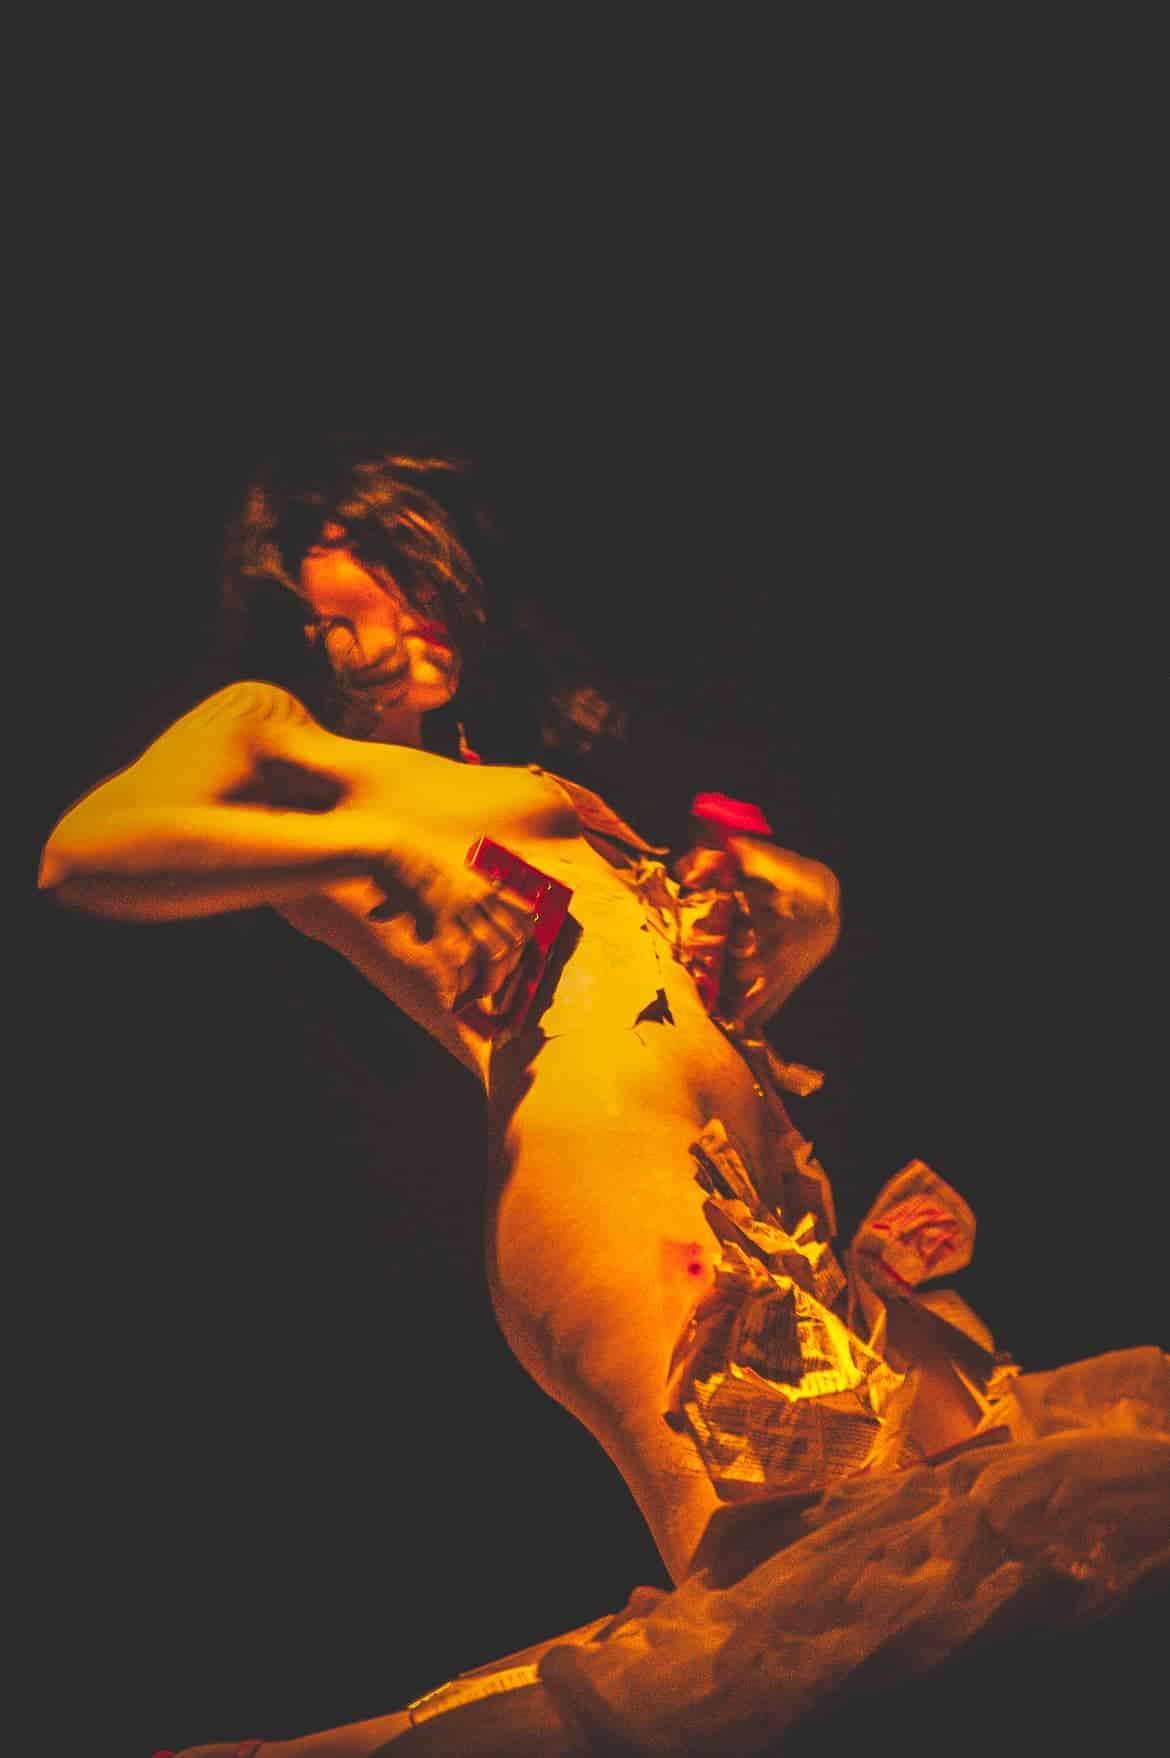 Vincent Zobler - Photographe Pro Heat